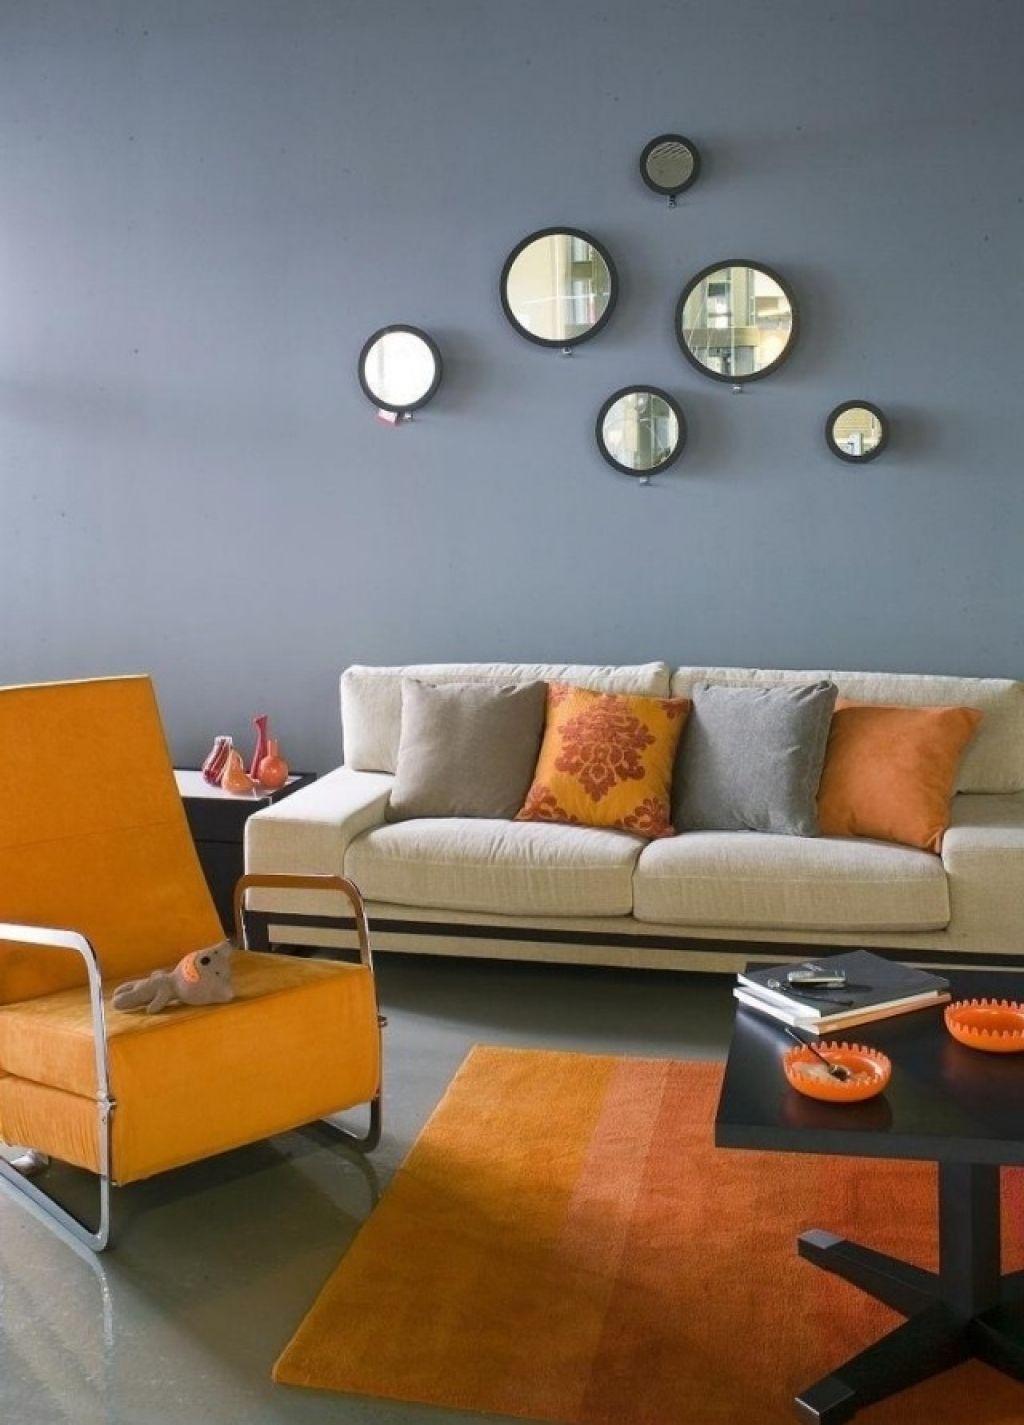 Wundervoll Dekoideen Wohnzimmer Orange 29 Ideen Frs Wohnzimmer Streichen Tipps Und  Beispiele Dekoideen Wohnzimmer Orange